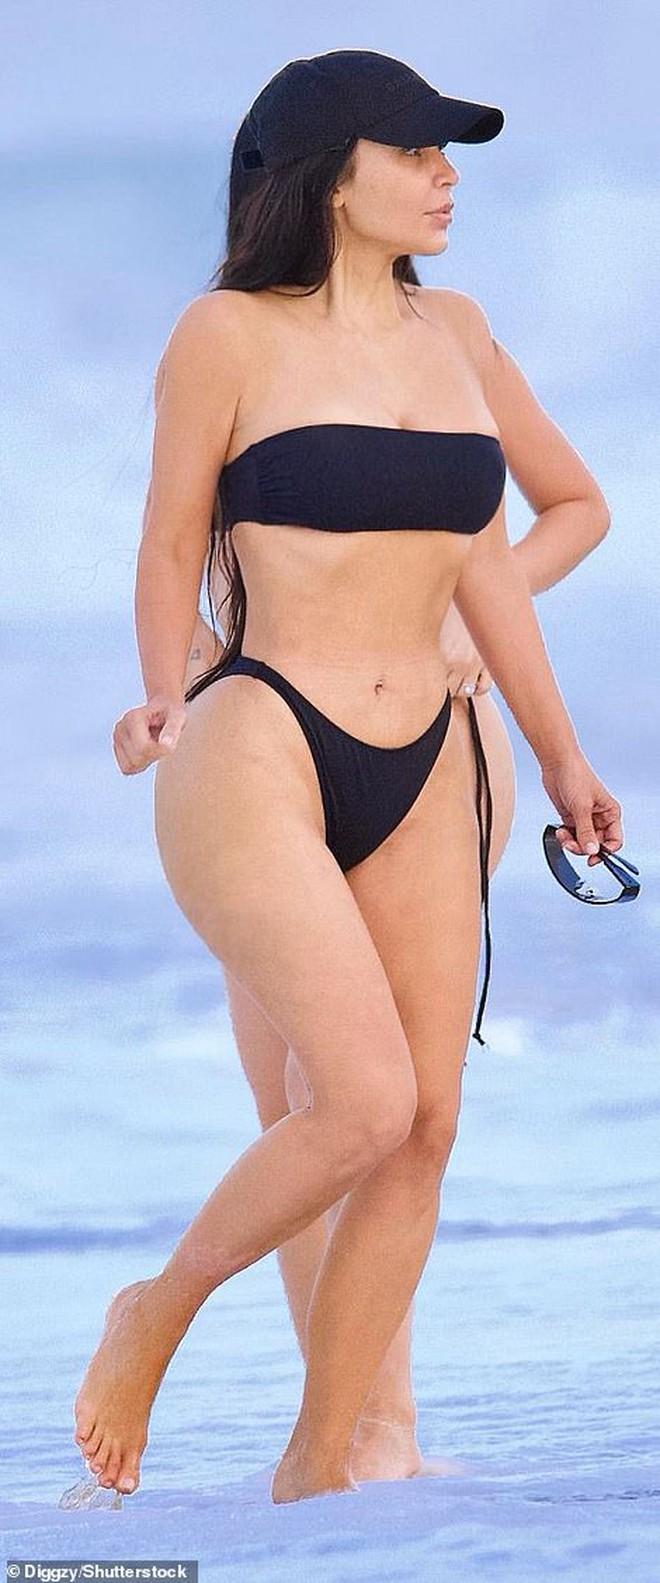 Kim siêu vòng 3 diện bikini khoe body phồn thực với tỉ lệ khó tin, ai ngờ mặt mộc còn gây chú ý hơn vì quá đỉnh - ảnh 2